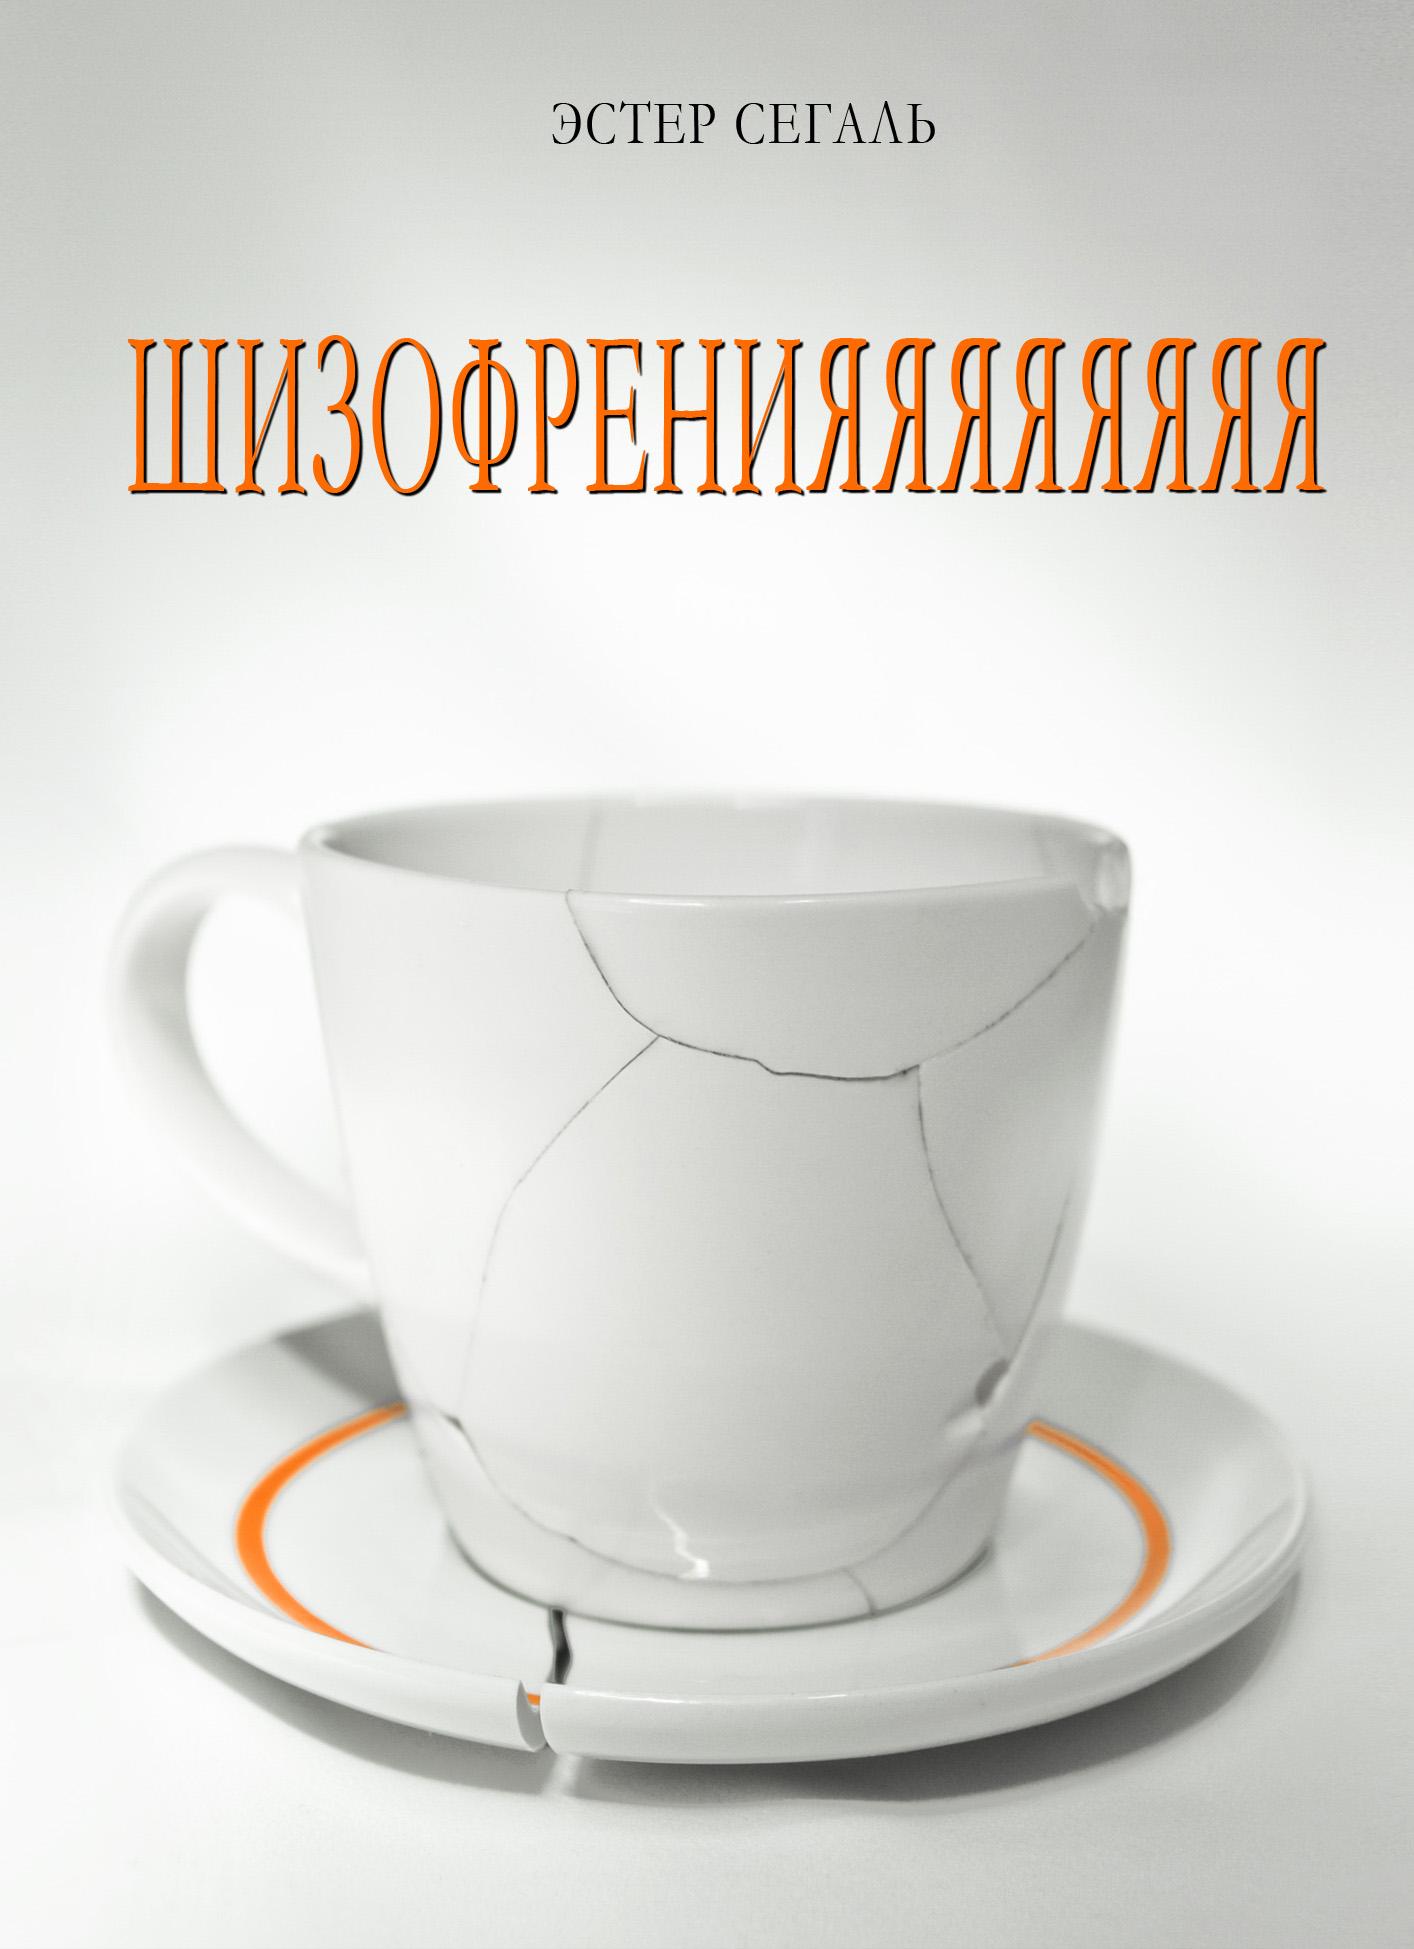 Шизофренияяяяяяяя